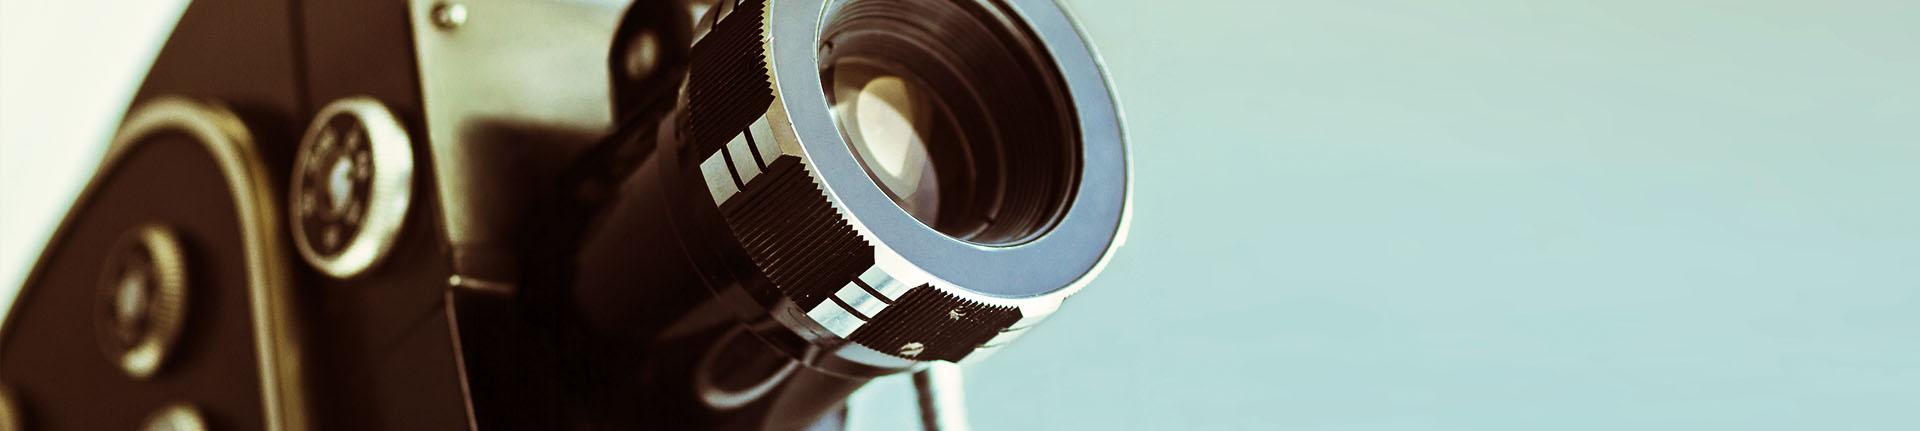 Filmes espiritualistas para nos fazer refletir